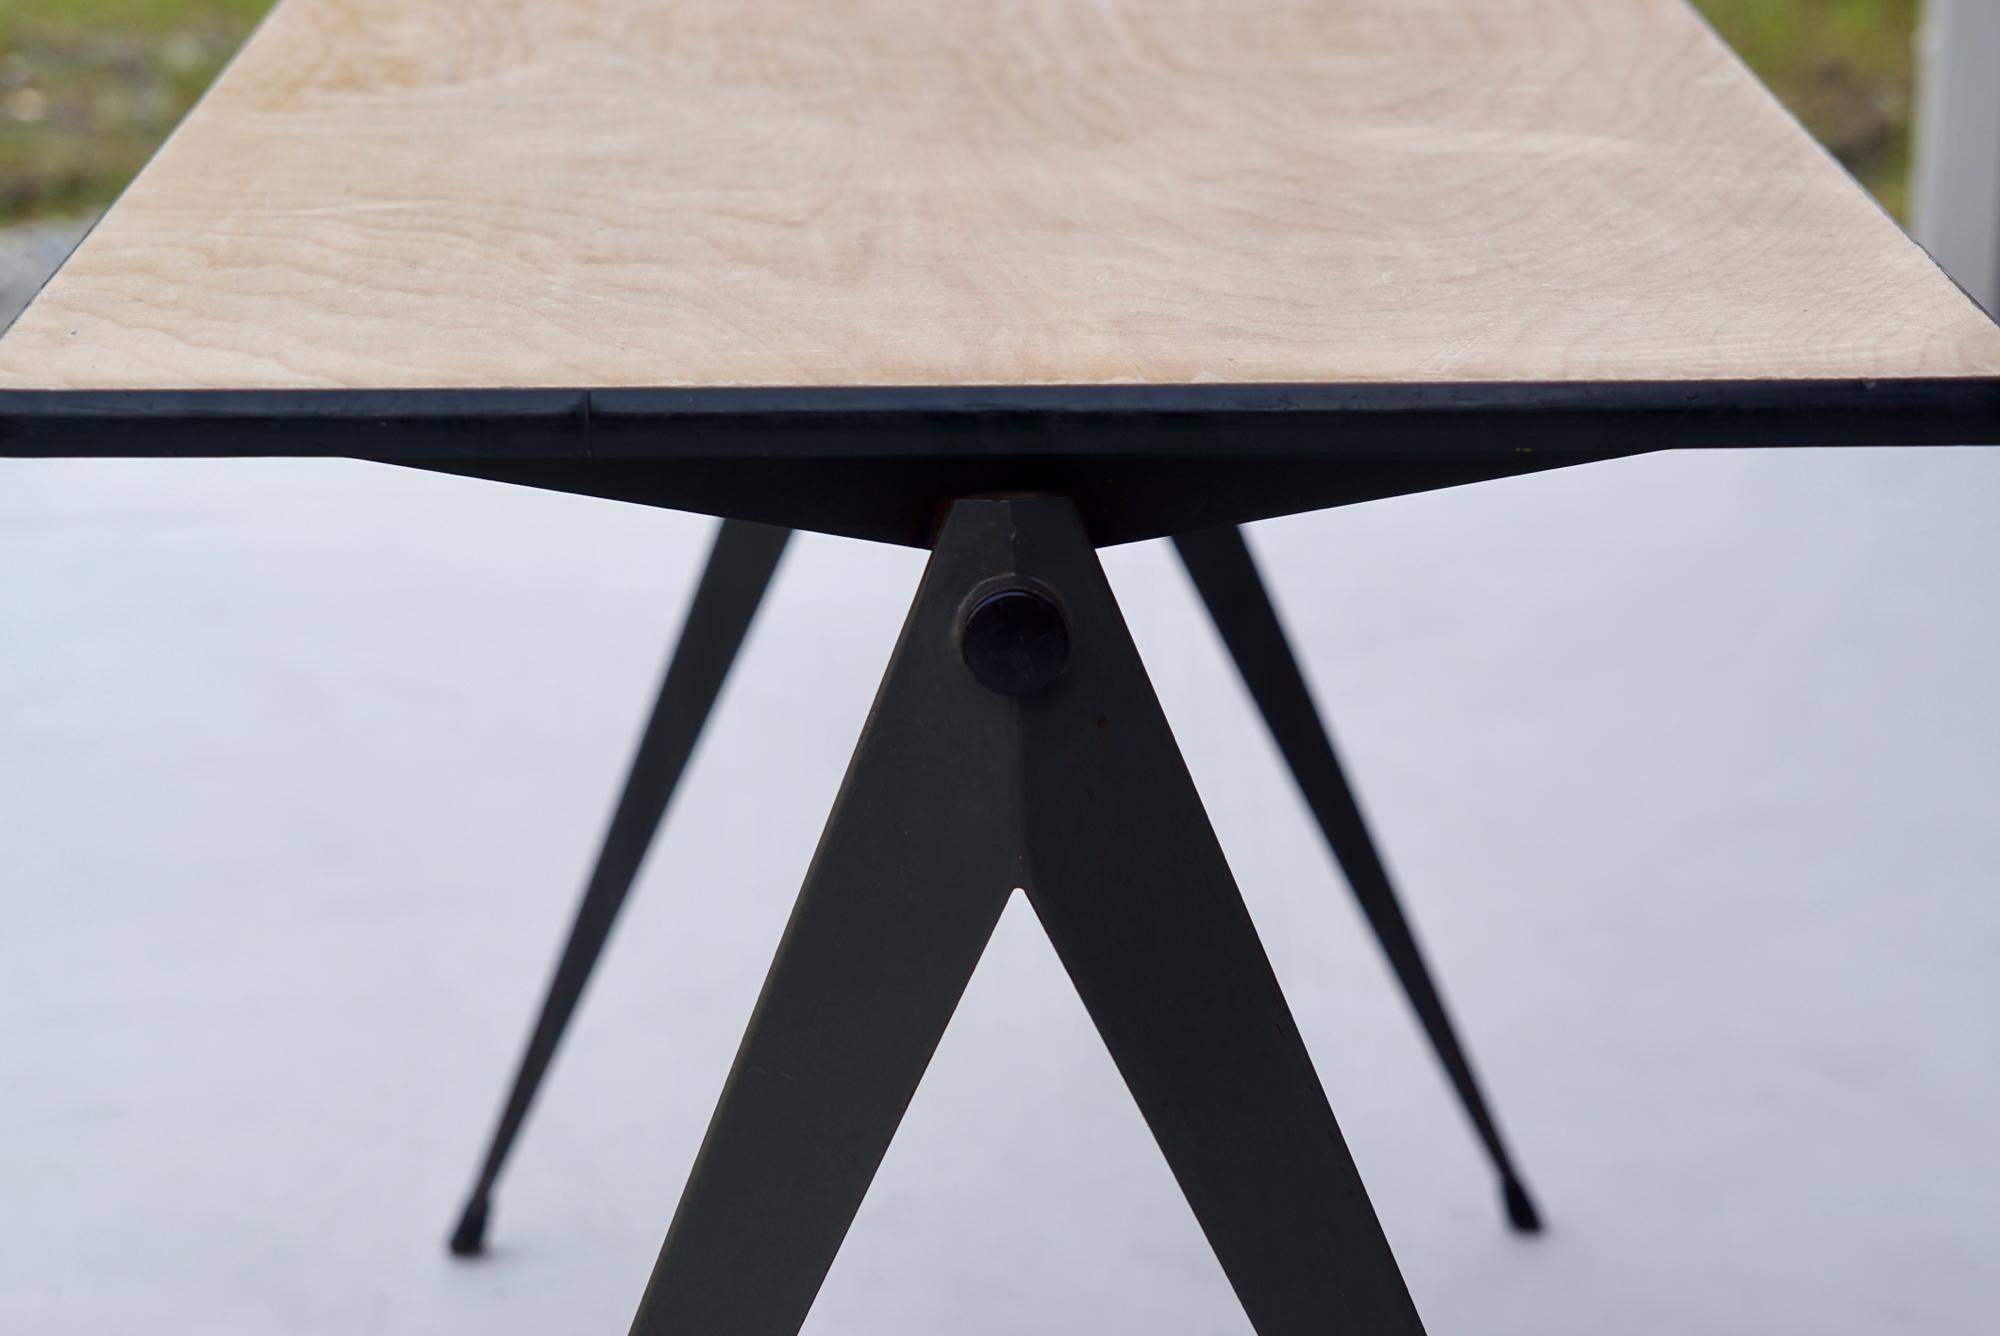 004_008A インダストリアル コンパステーブル - 8